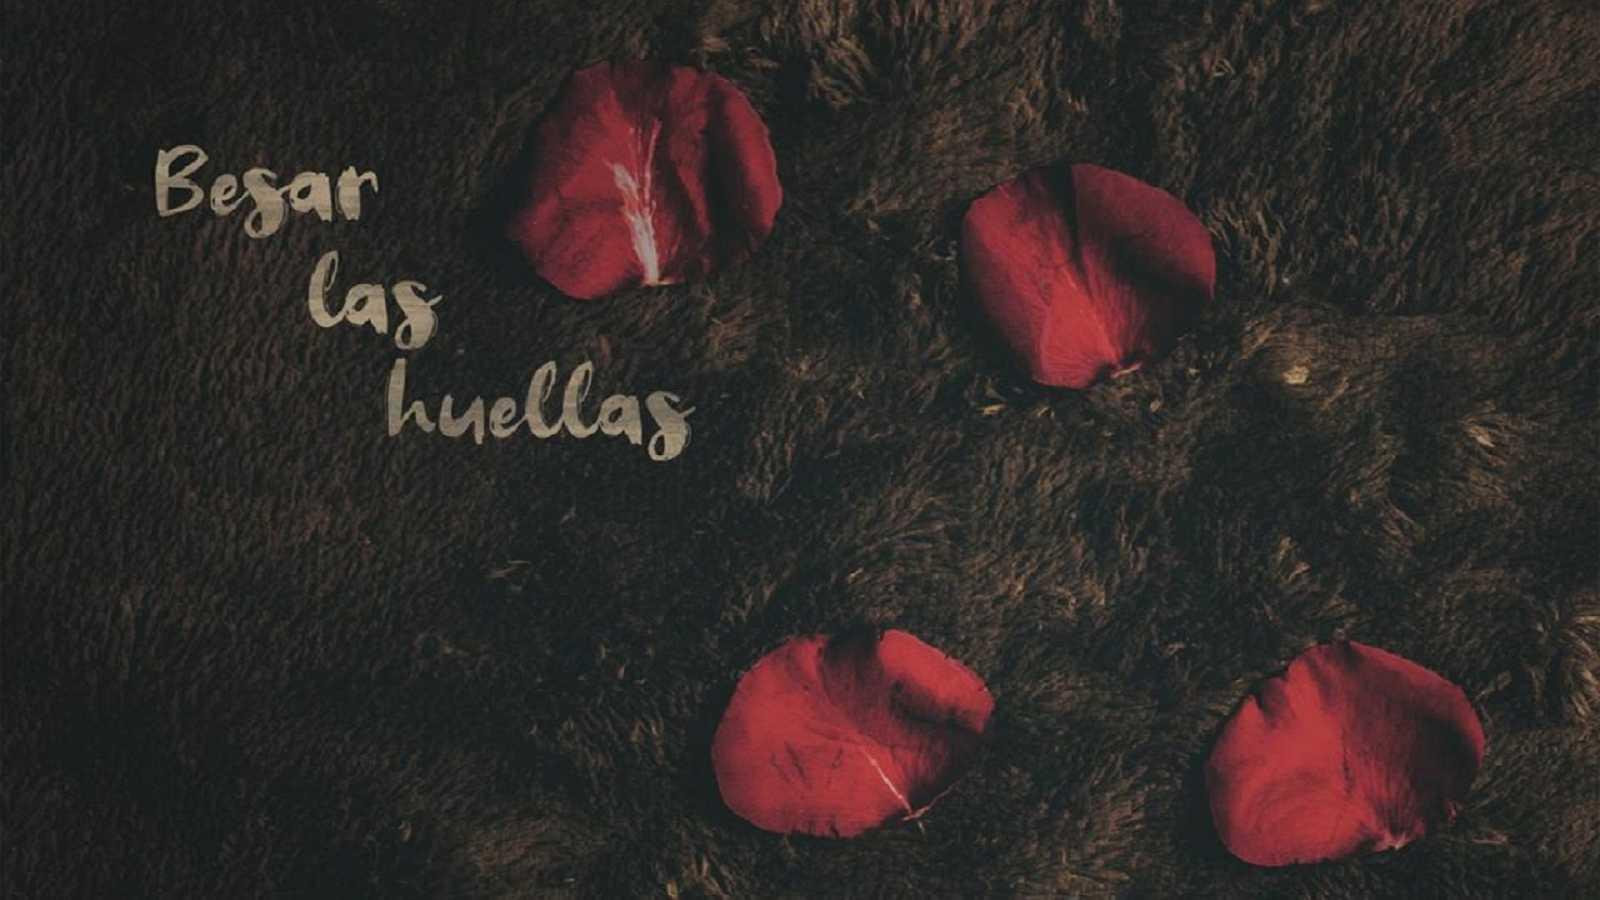 La LiBéLuLa - Besar las Huellas (La Poesía es un Cuento, José Gutiérrez Román) - 09/10/20 - escuchar ahora